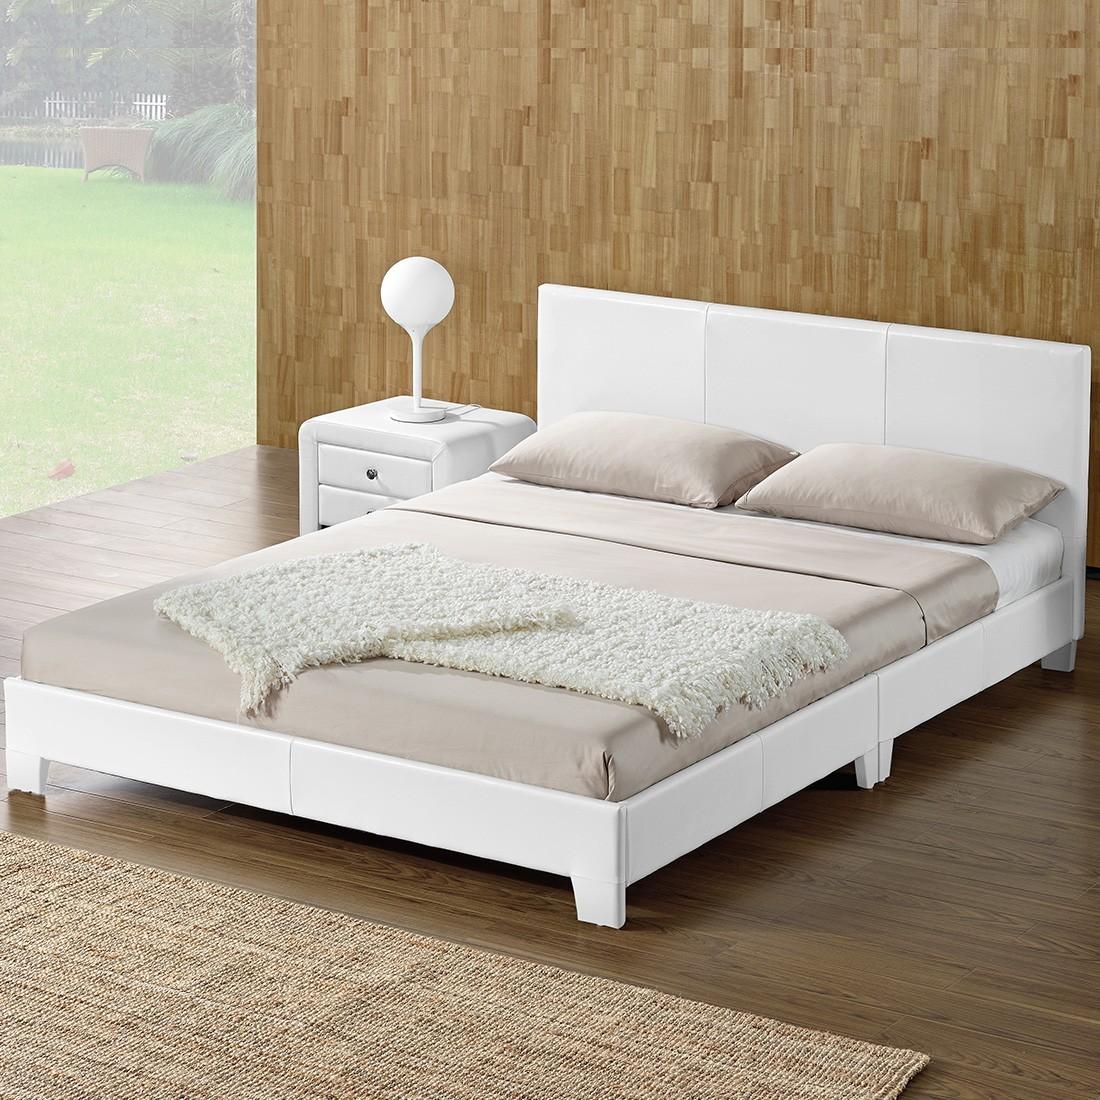 lit complet t te de lit cadre de lit simpli. Black Bedroom Furniture Sets. Home Design Ideas